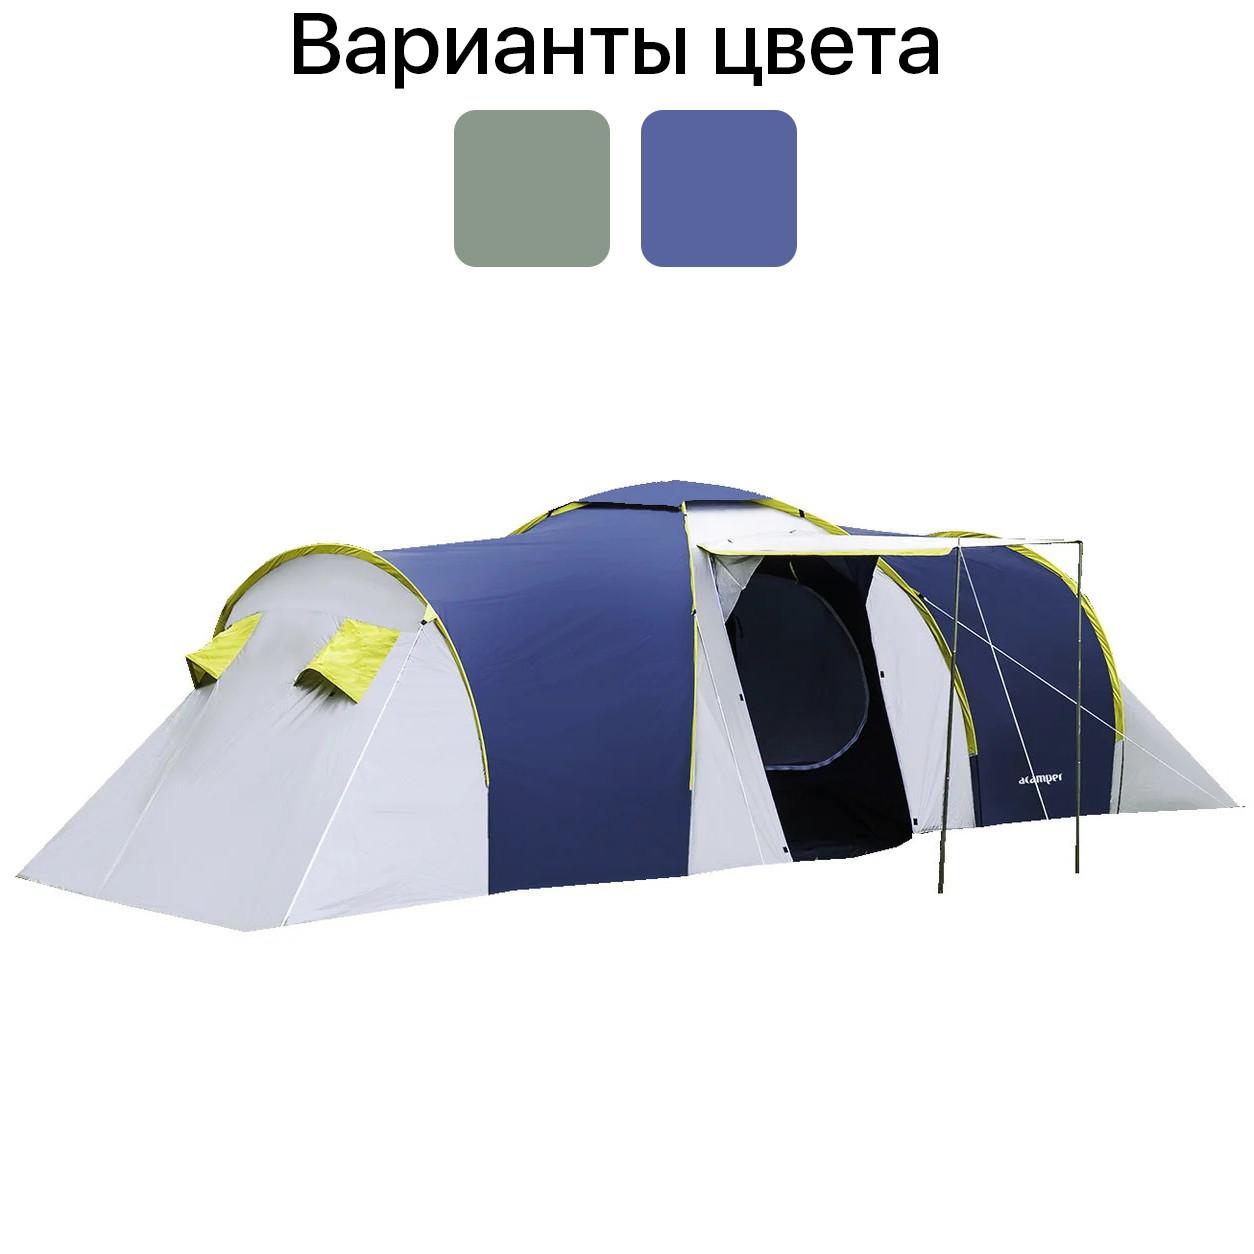 Большая туристическая палатка Acamper Nadir 8 с тамбуром восьмиместная Синий